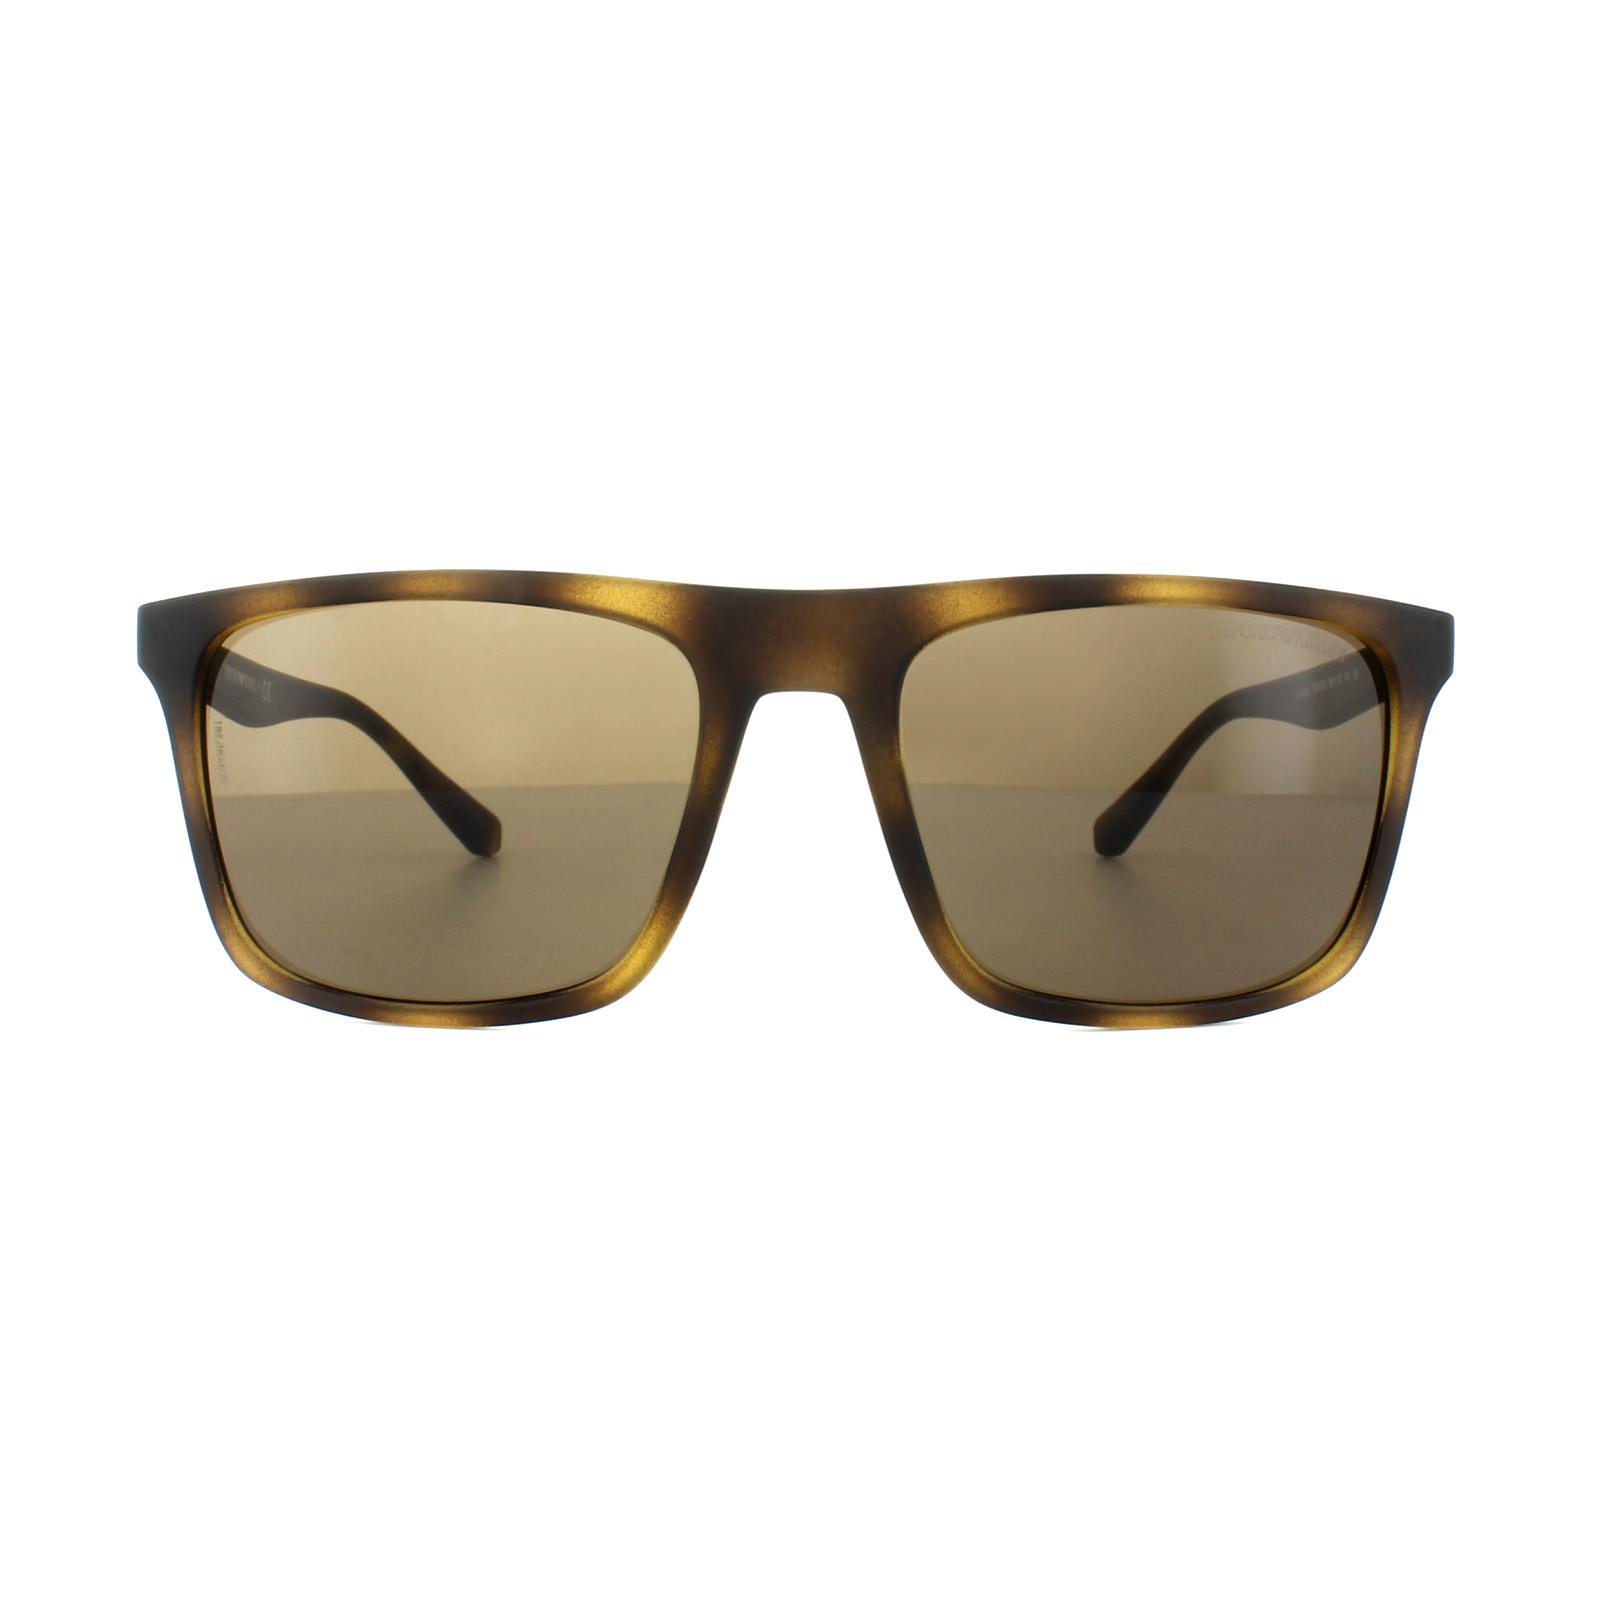 44aab12288f Emporio Armani EA4097 Sunglasses Thumbnail 1 Emporio Armani EA4097  Sunglasses Thumbnail 2 ...